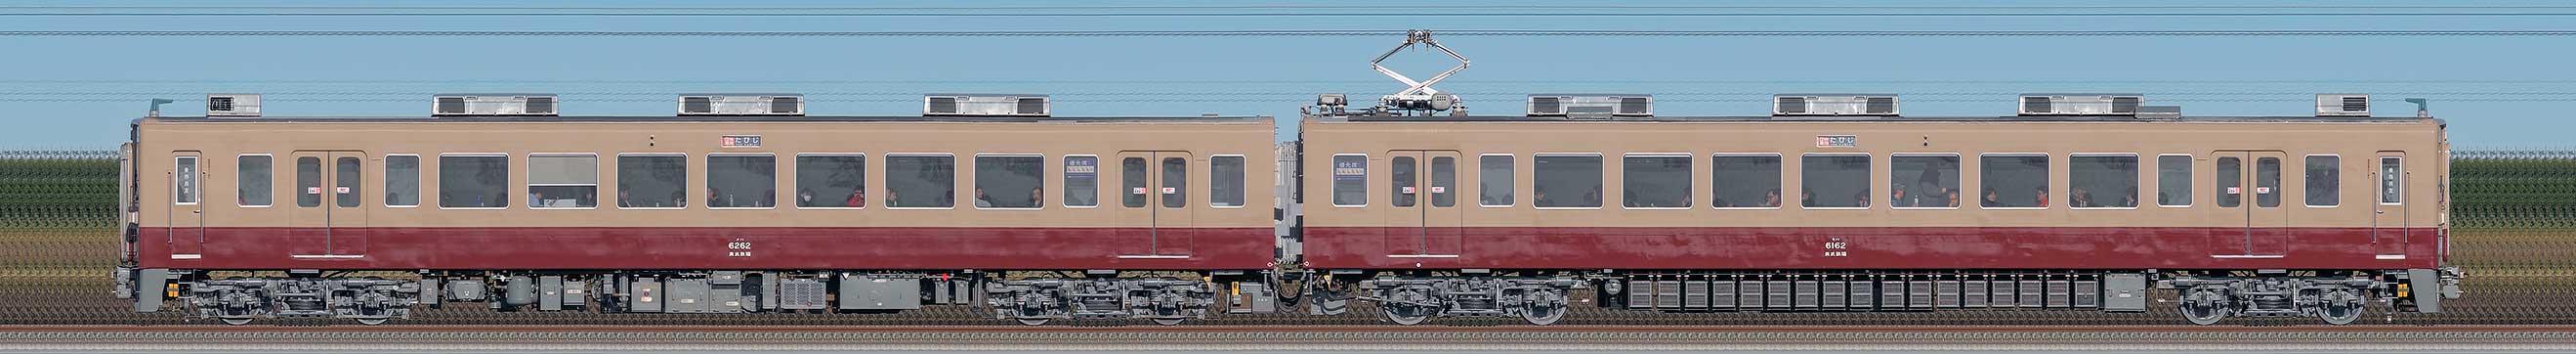 東武6050型6162編成「6000系リバイバルカラー」(山側)の編成サイドビュー